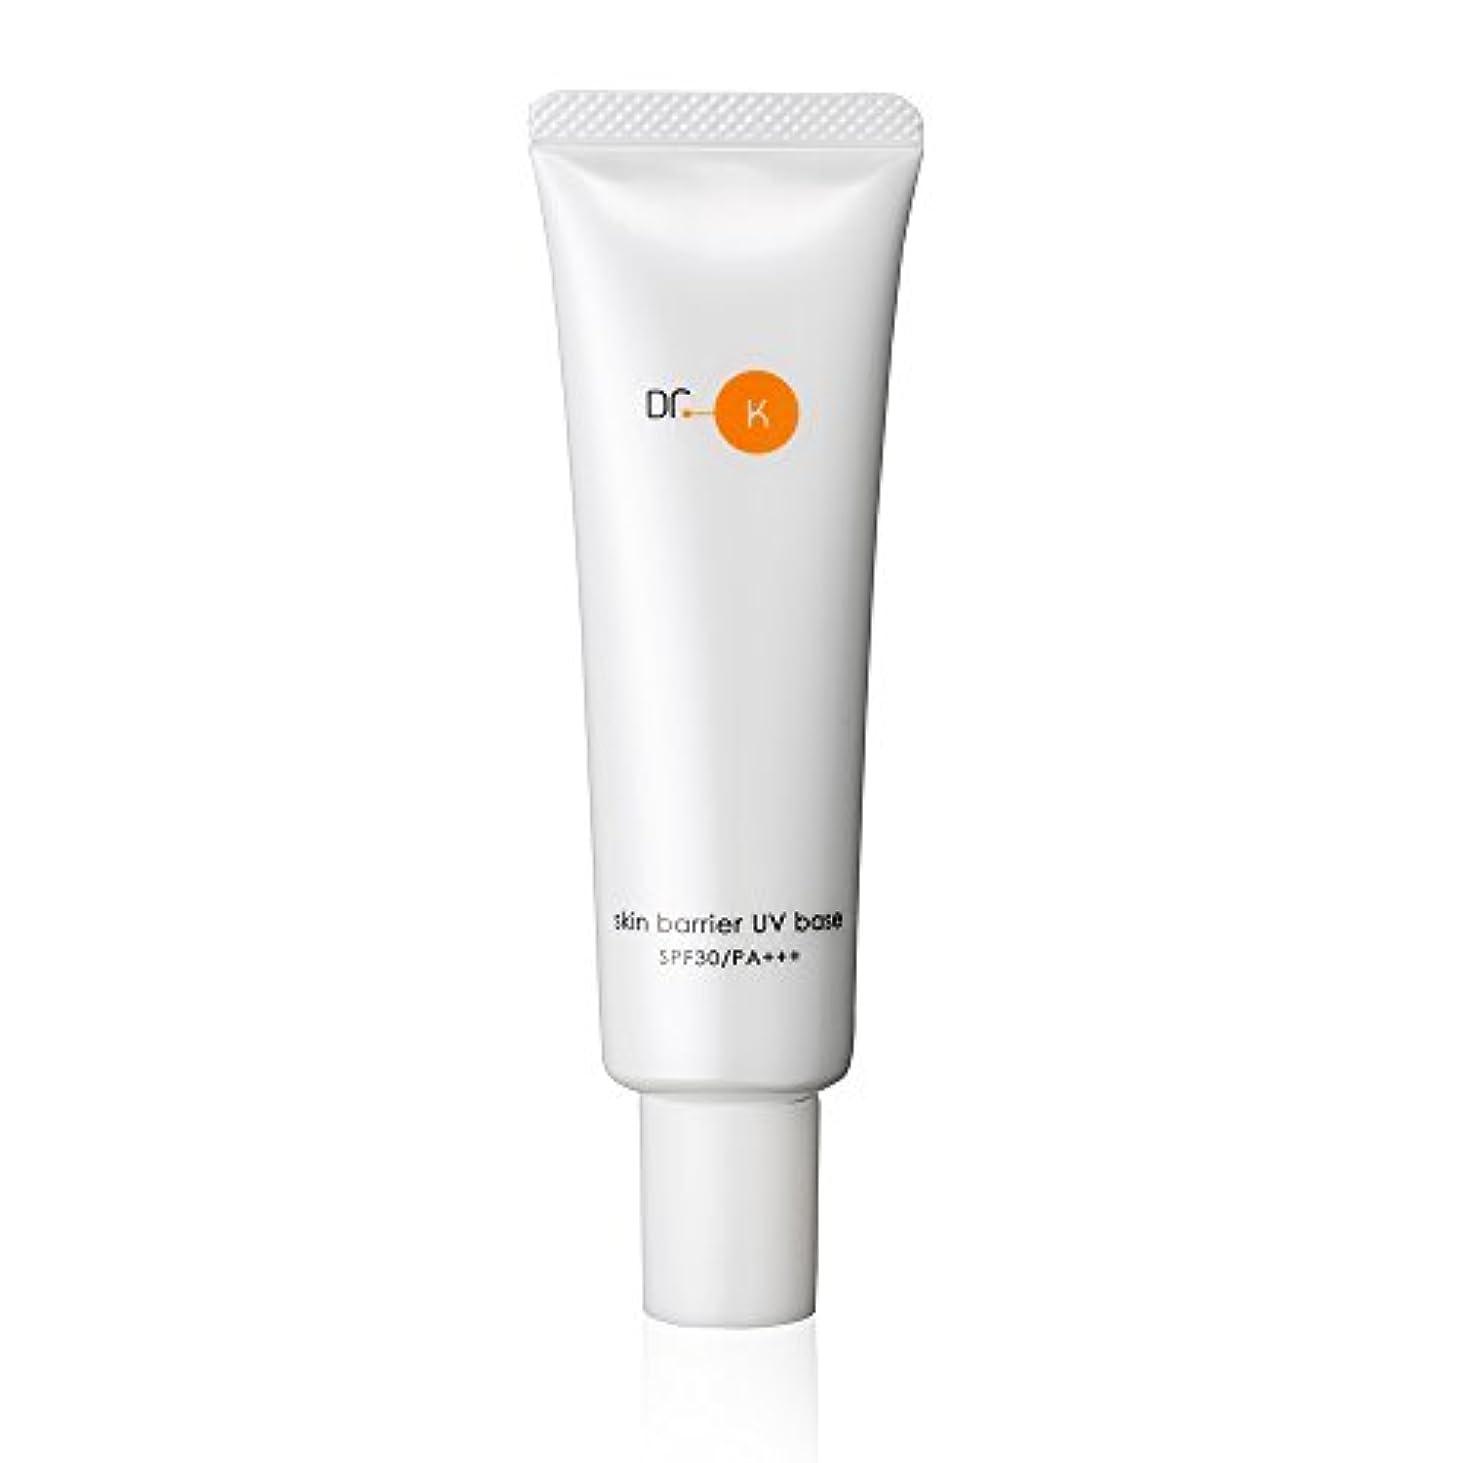 評価可能順応性のある手伝うケイスキンバリアUVベースSPF30/PA+++(日焼け止め化粧下地 30g)